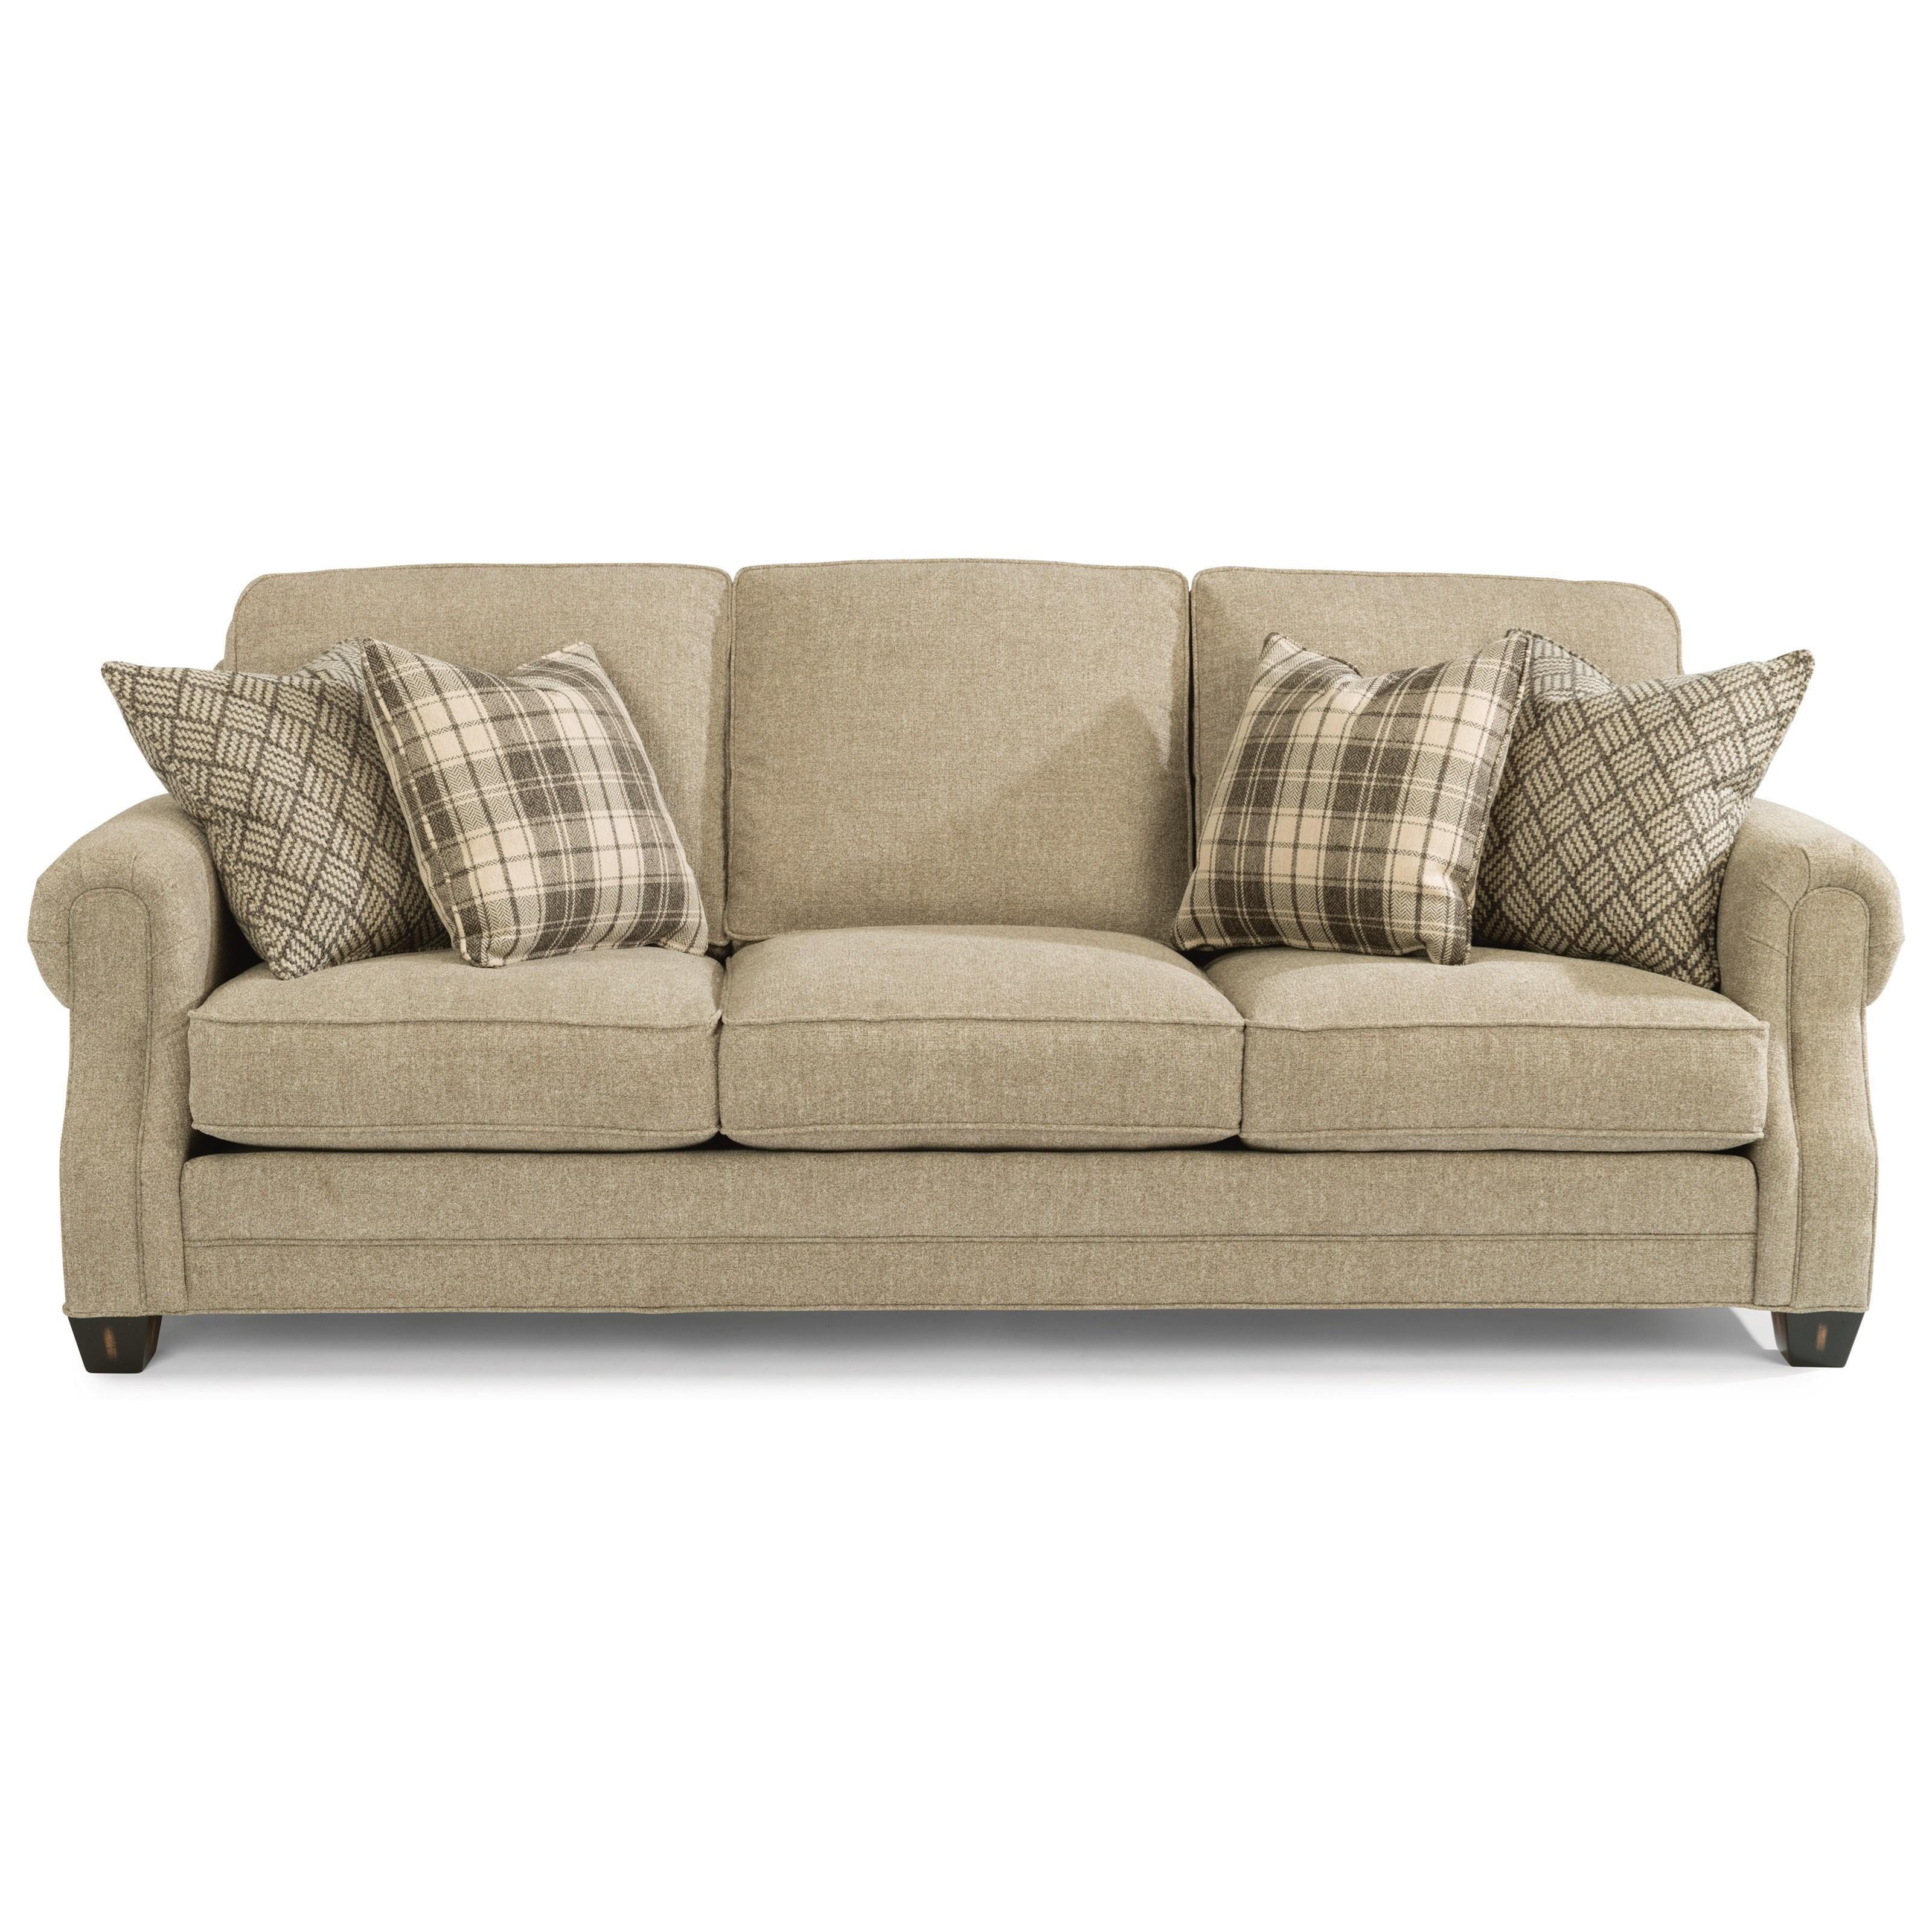 Flexsteel Gretchen Sofa - Item Number: 7922-31-293-80